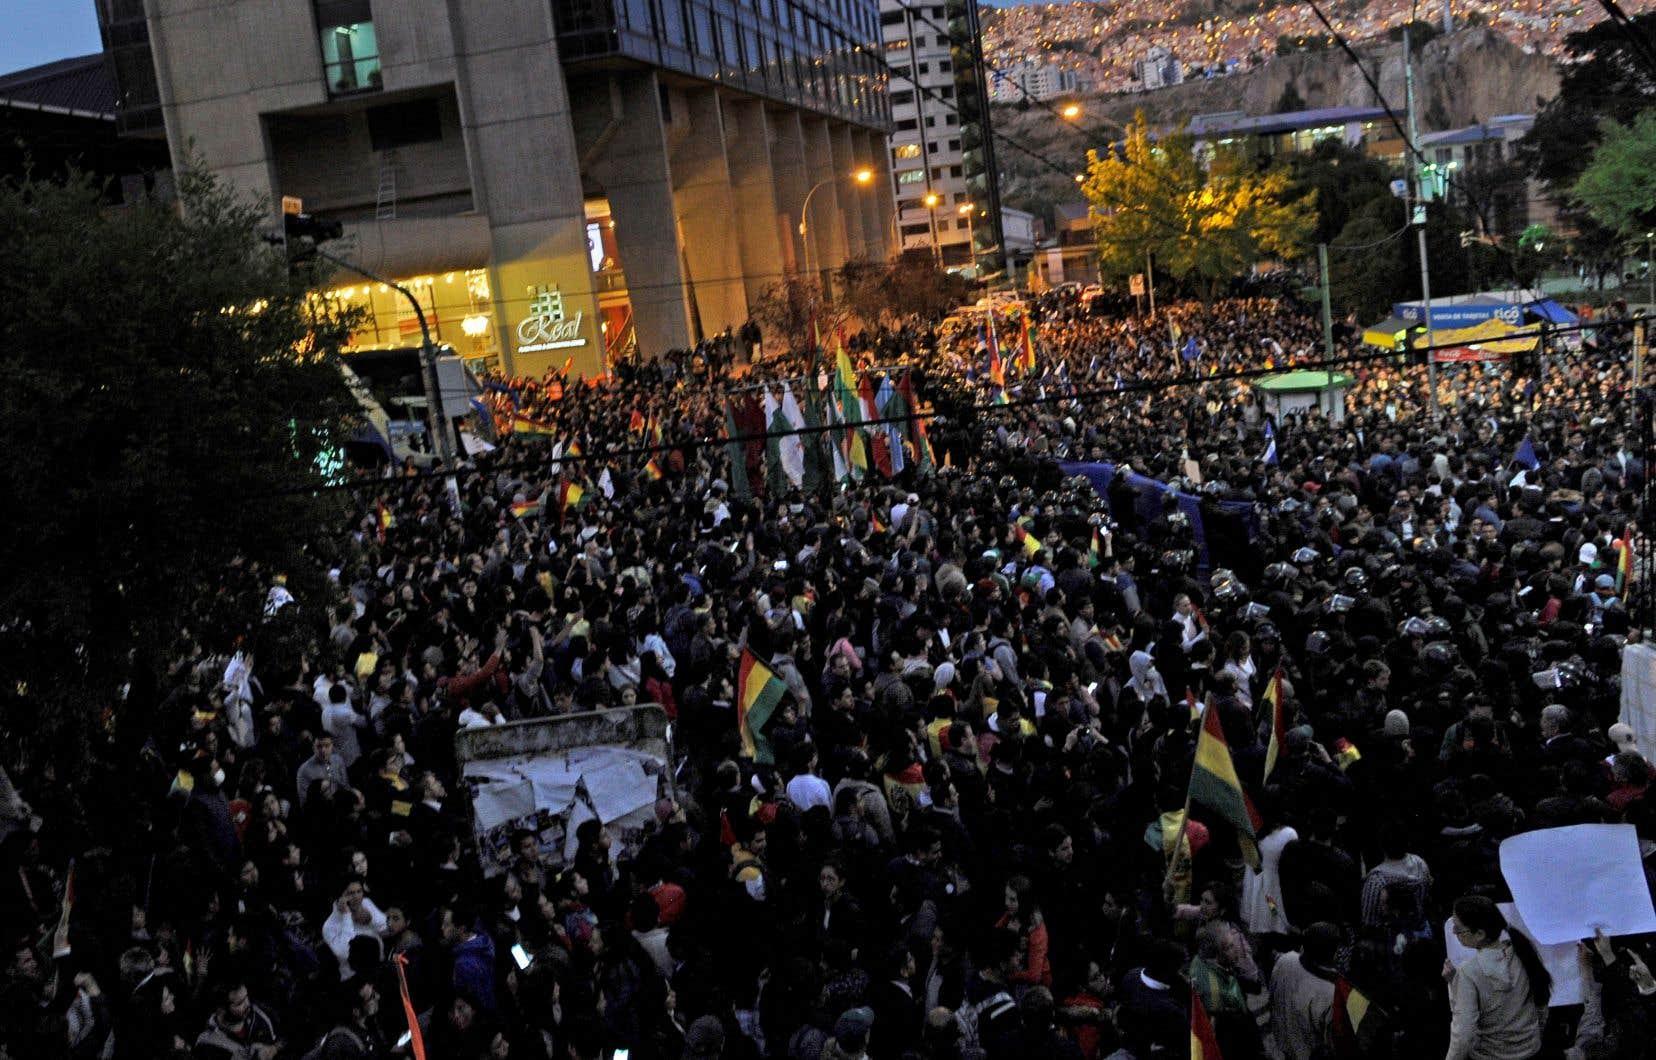 La décision de M. Morales de briguer un quatrième mandat, alors que les électeurs s'étaient prononcés contre lors d'un référendum en 2016, est très mal vue par une partie des Boliviens et critiquée par l'opposition, qui estime que le régime pourrait tourner à l'autocratieen cas de nouvelle victoire .